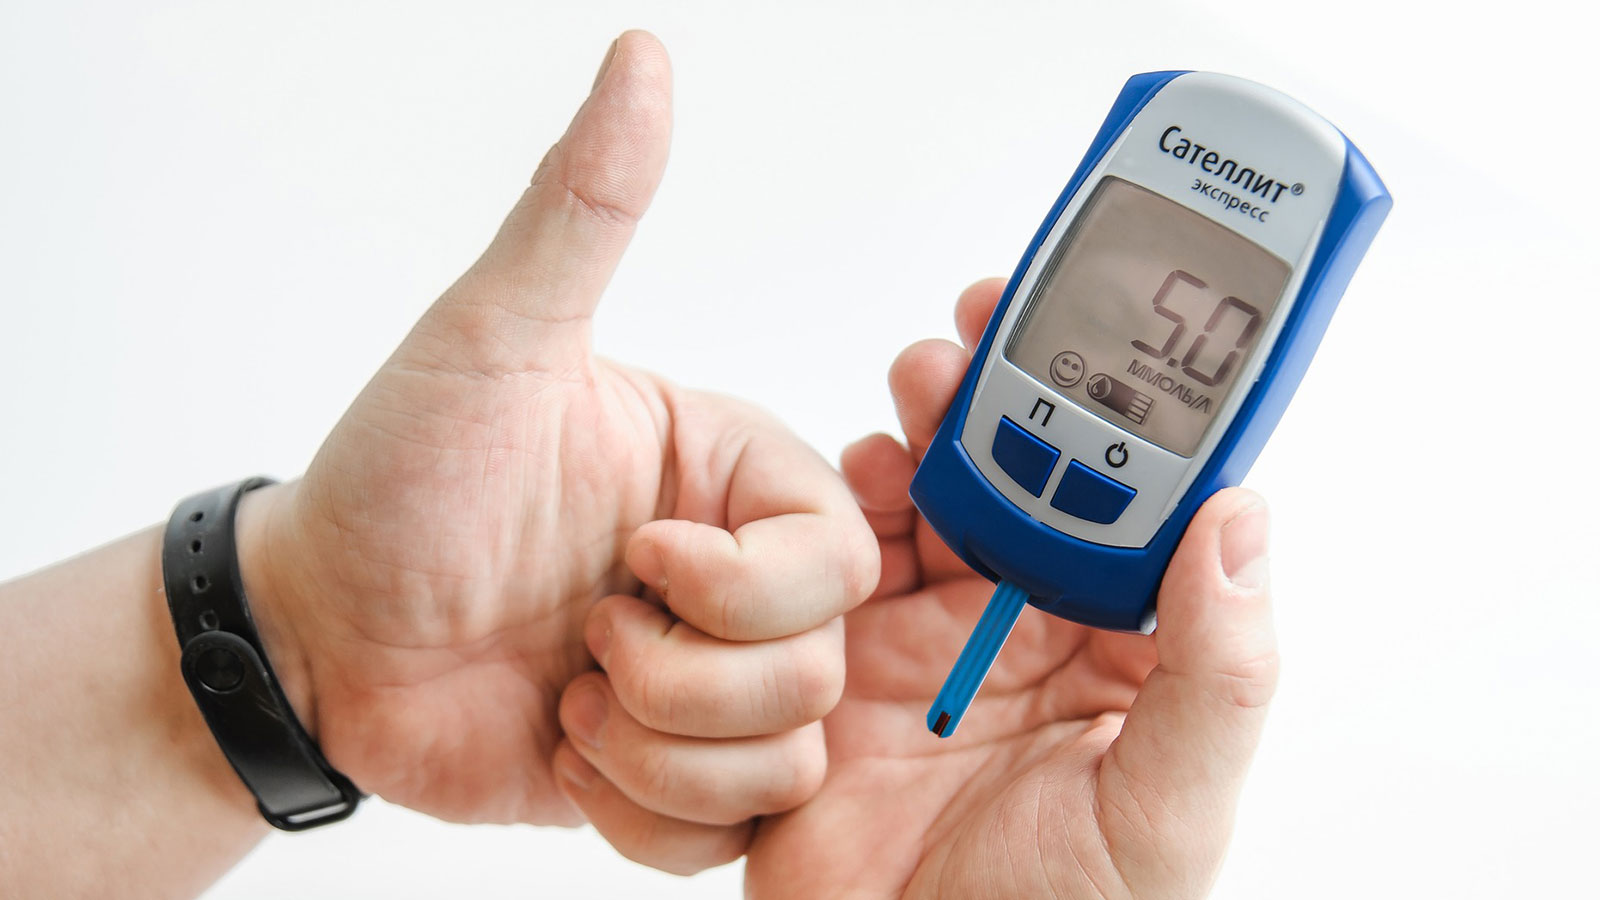 ¡Toma consciencia de la diabetes!